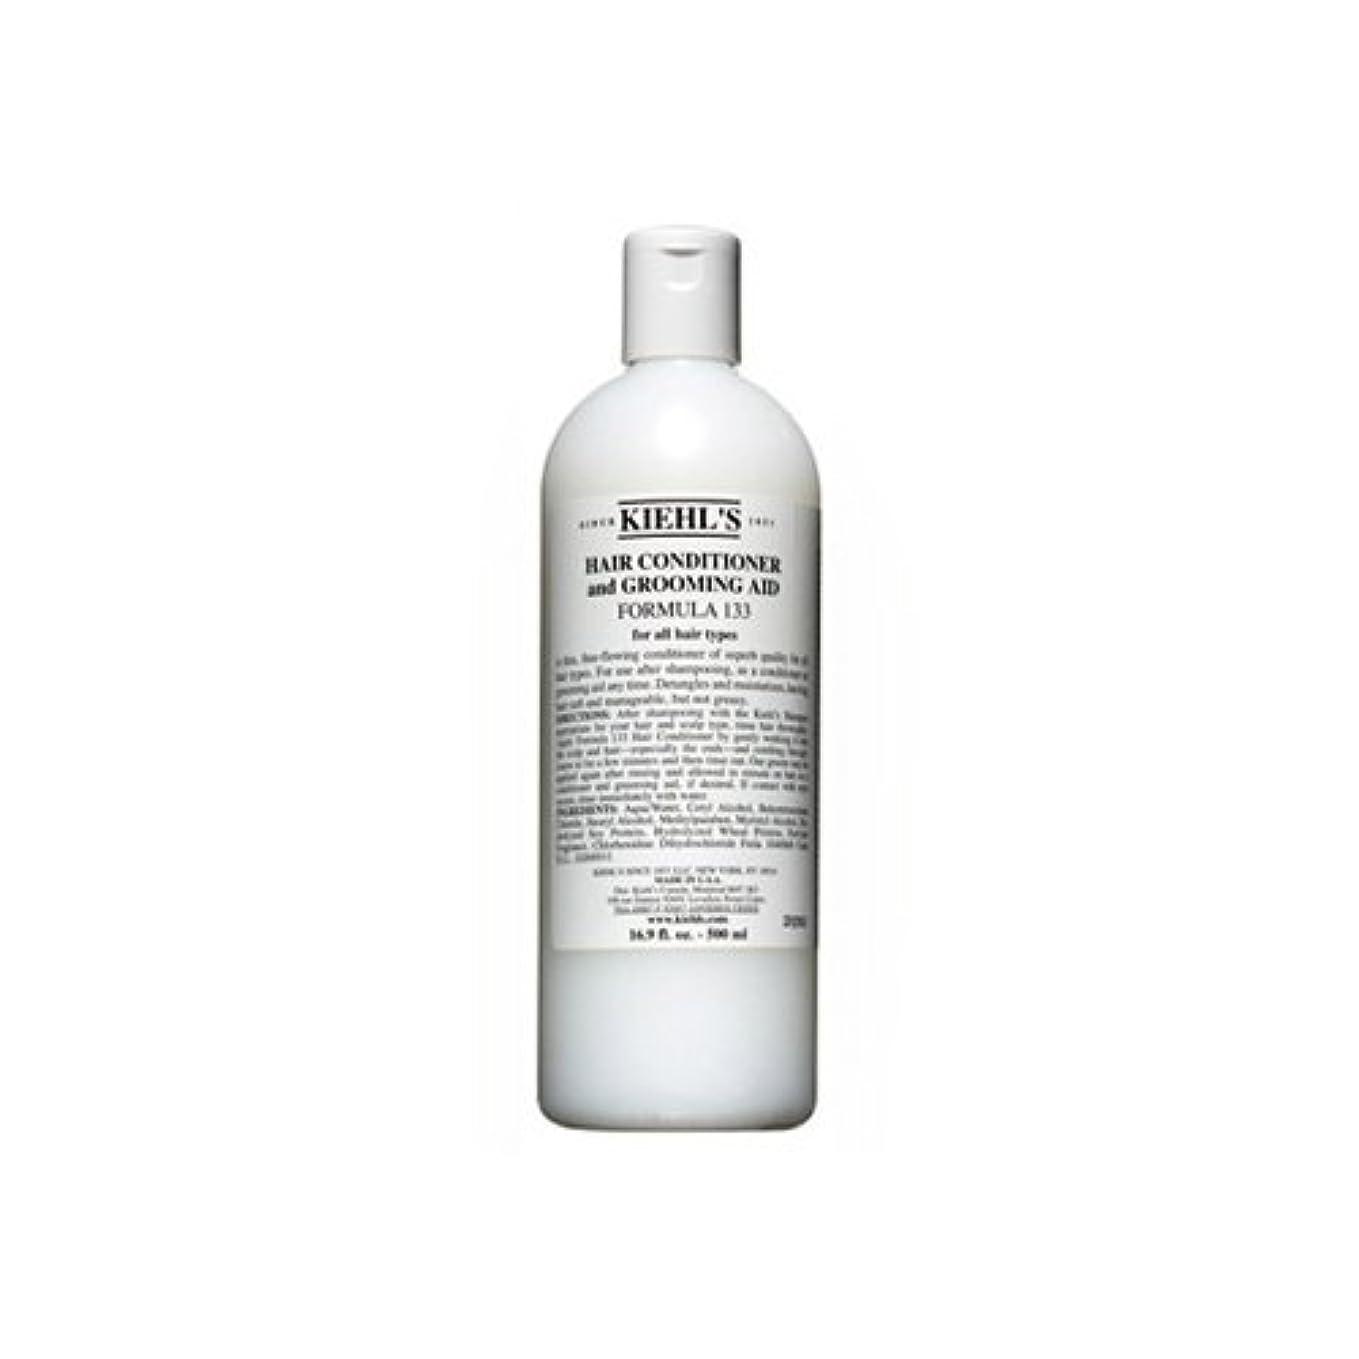 古くなった多様な乳白色ヘア コンディショナー &グルーミング Aid フォーミュラ 133(全ての髪質)